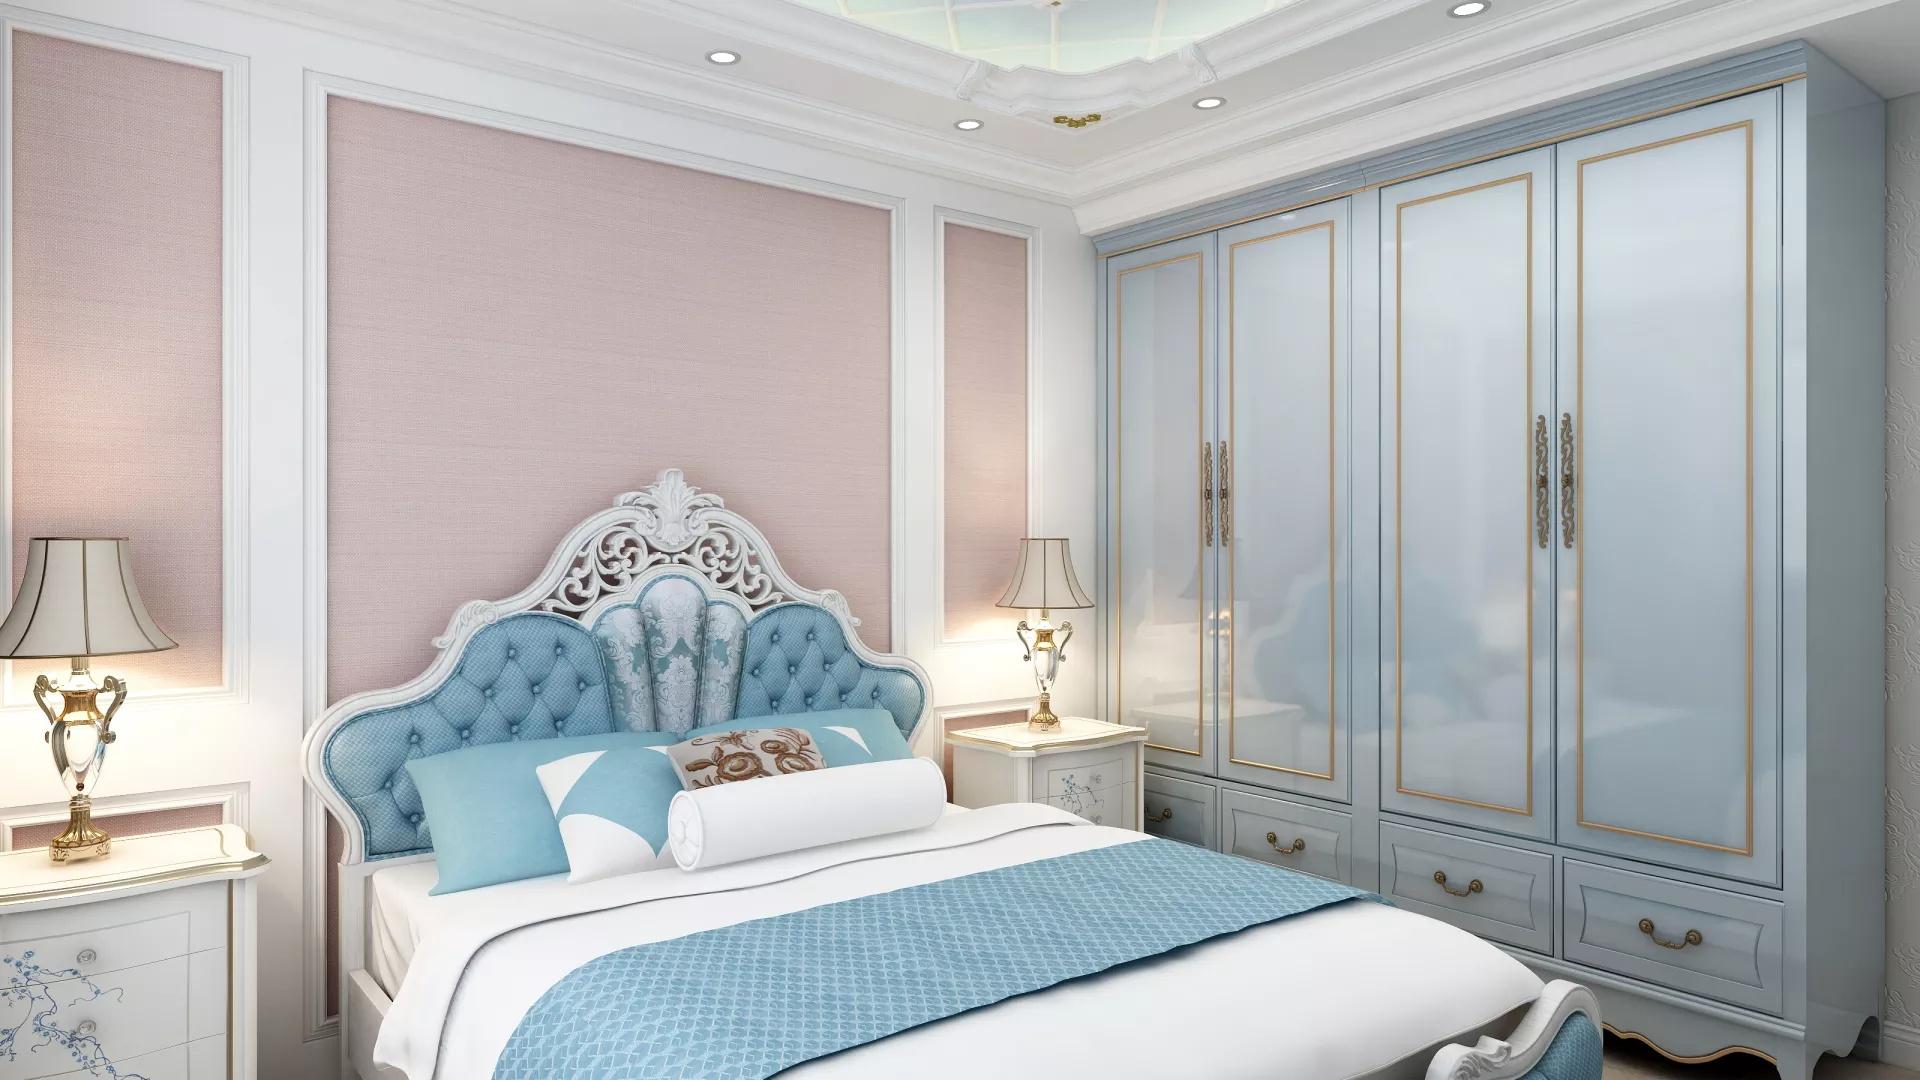 客厅,餐厅,简约风格,沙发,灯具,餐桌,茶几,简洁,温馨,大气,灰色